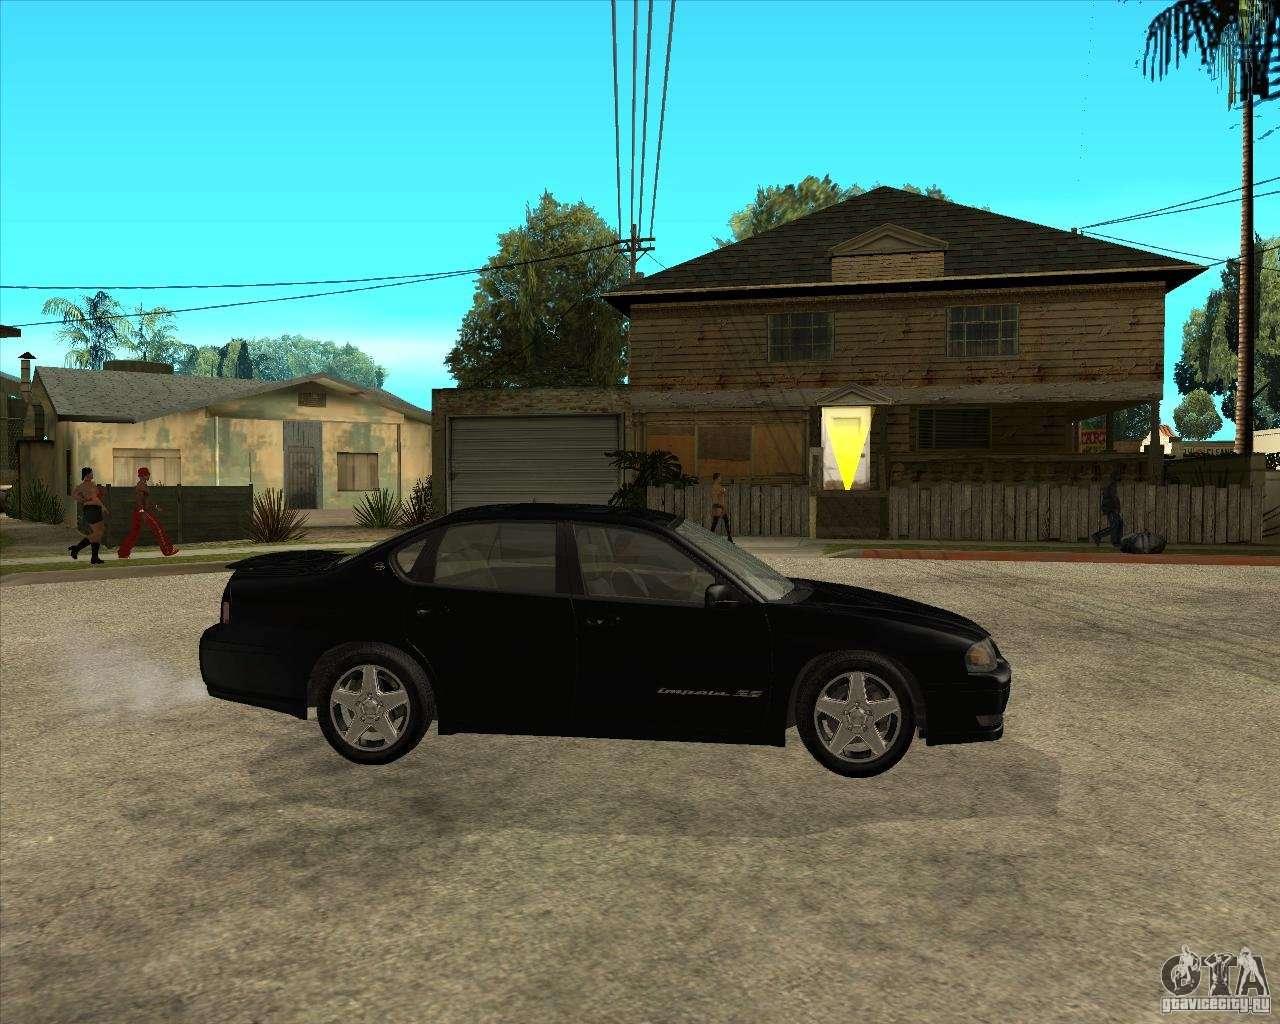 Used Cars Flint MI  Used Car Dealerships Flint MI